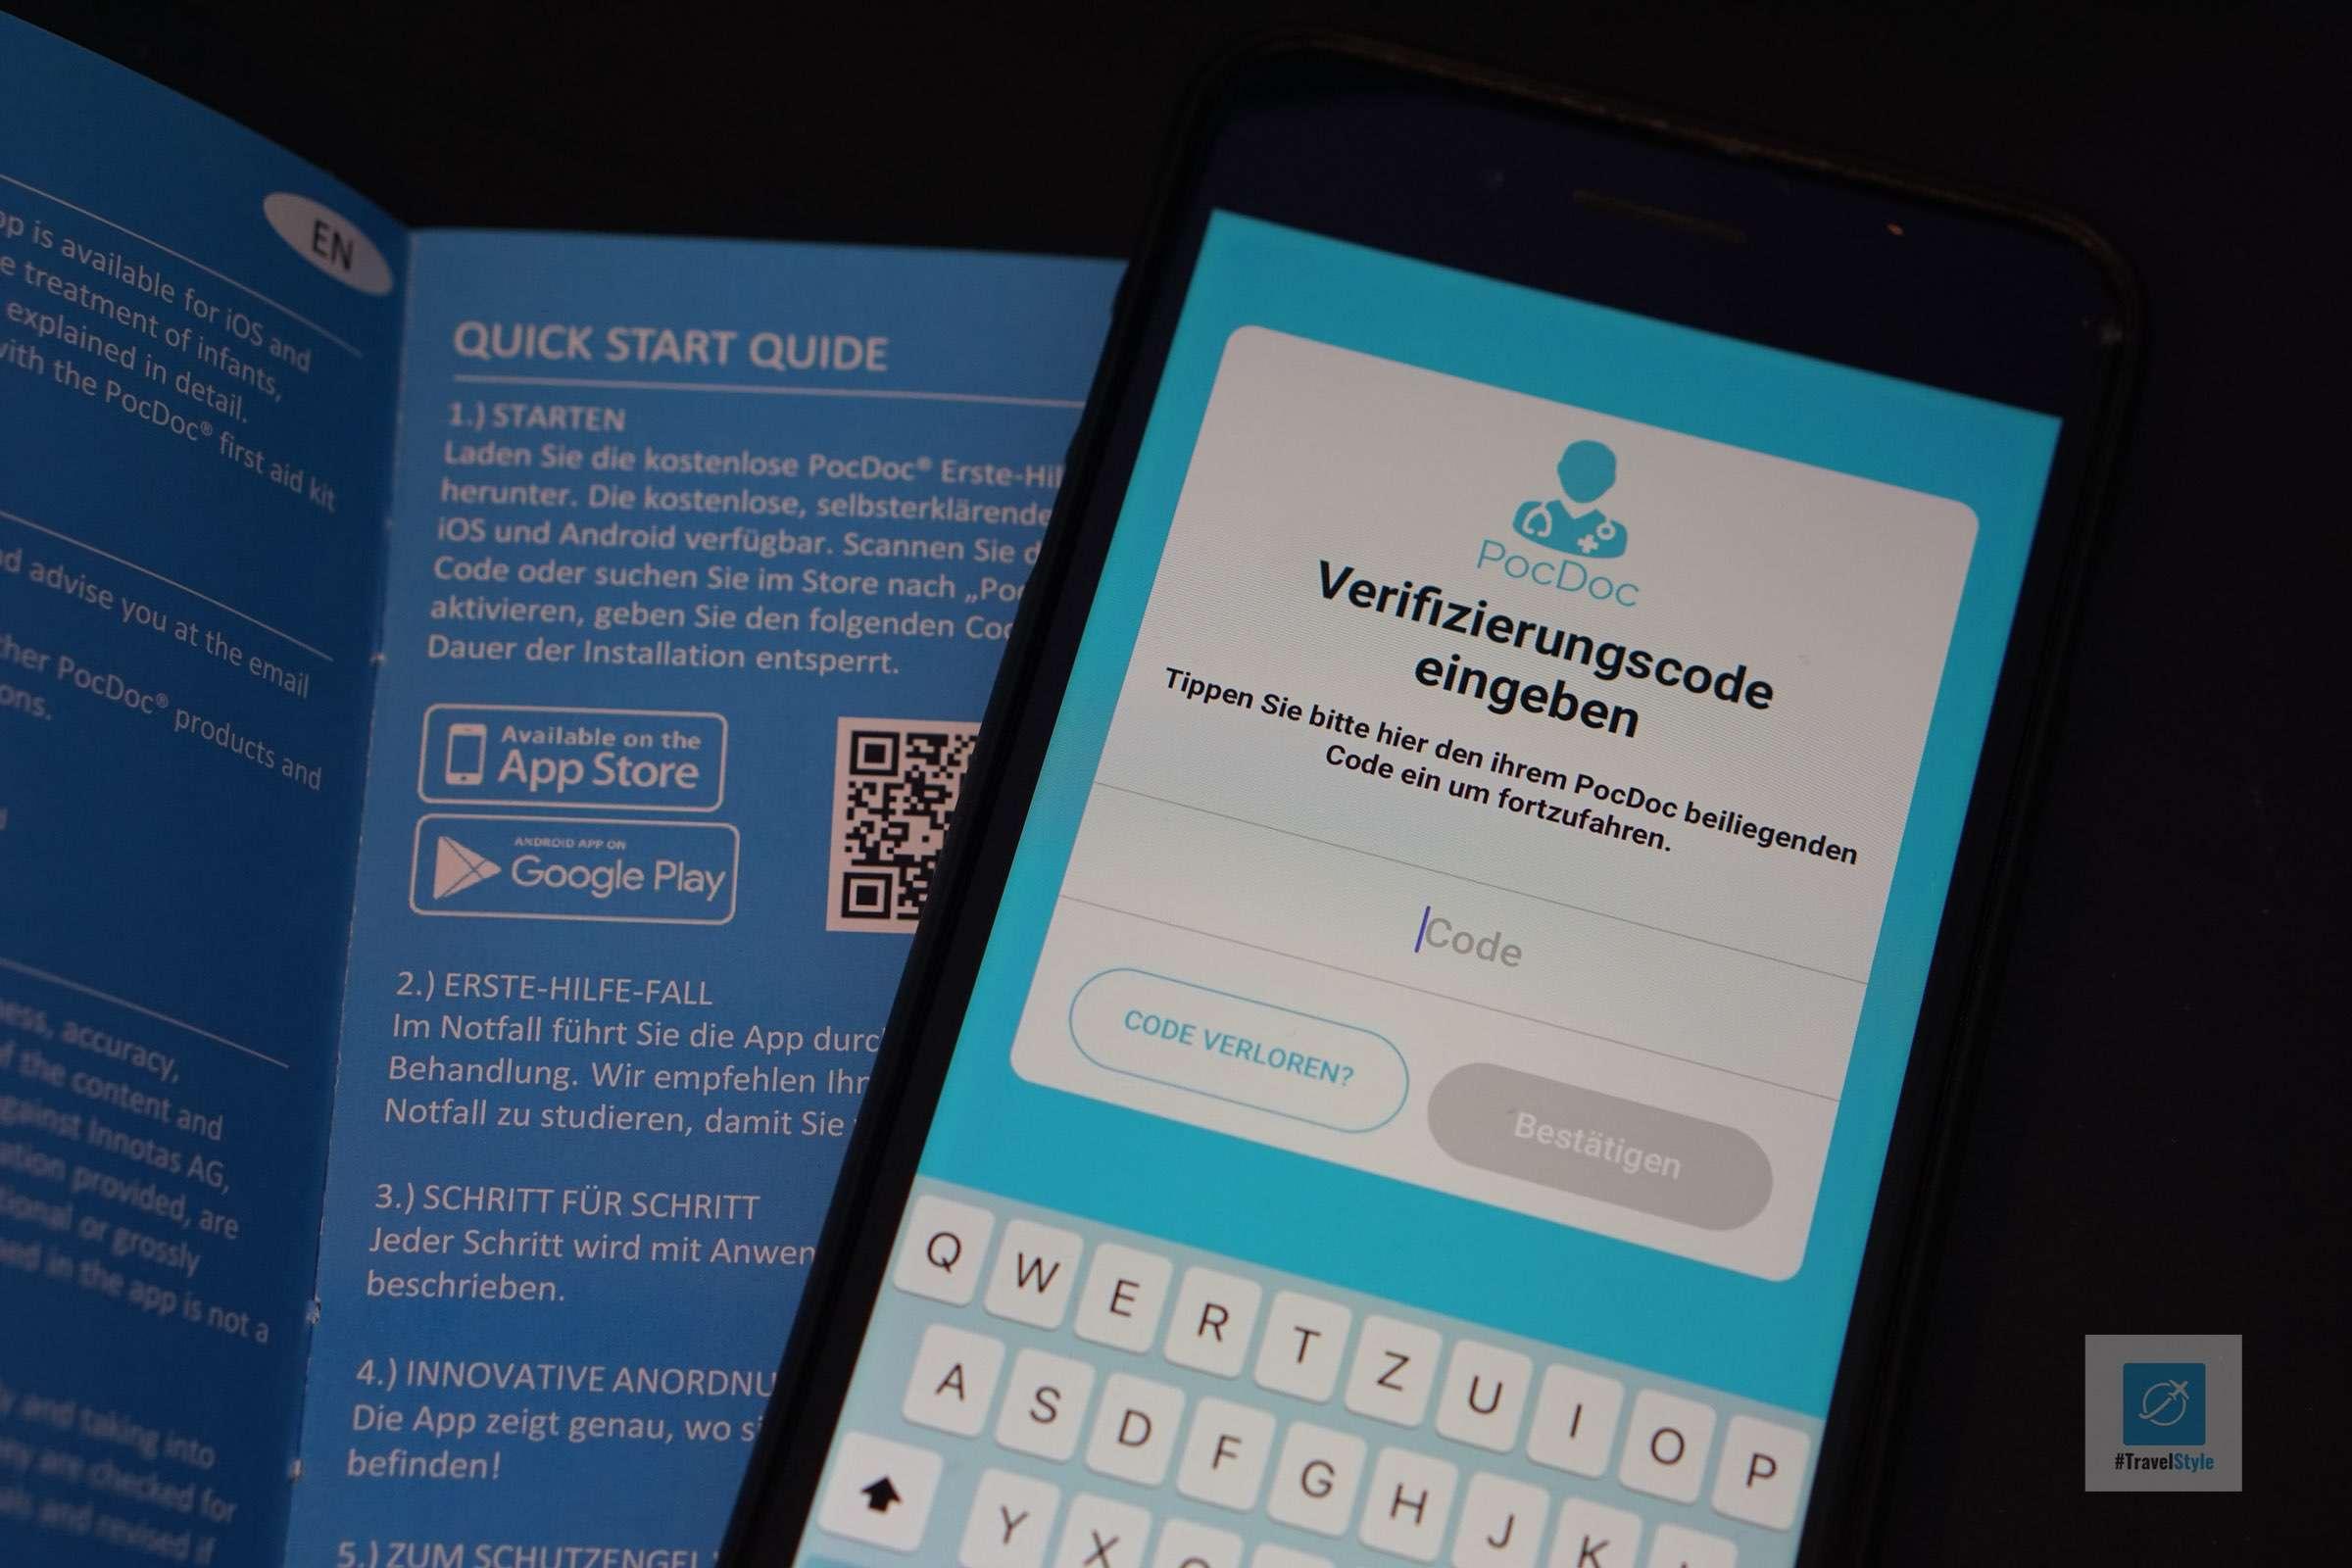 Die App mit dem Verifizierungscode freischalten